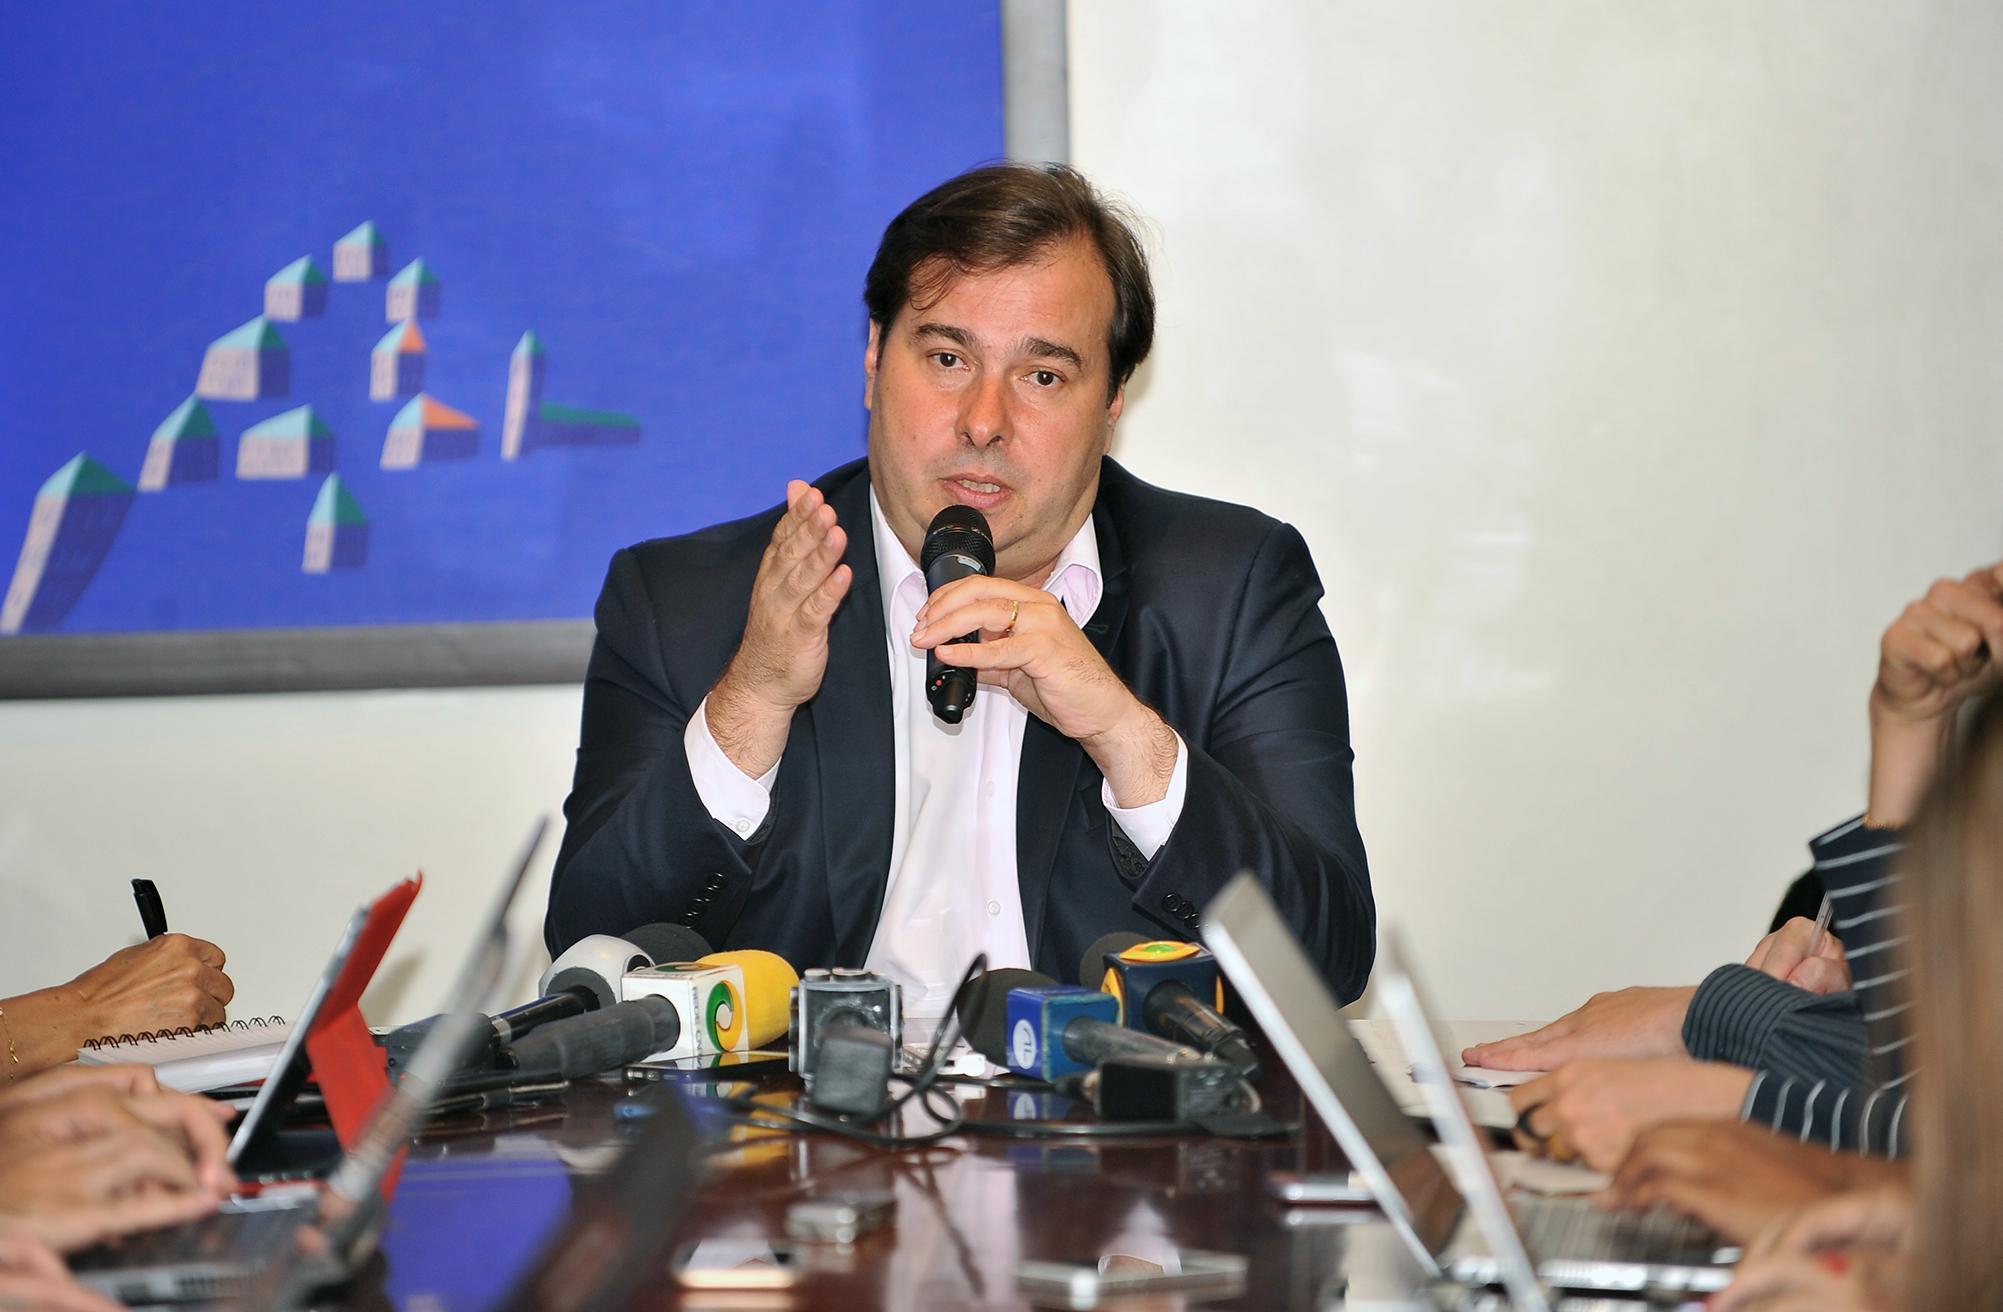 Fotos do Dia - presidente da Câmara Rodrigo Maia entrevista